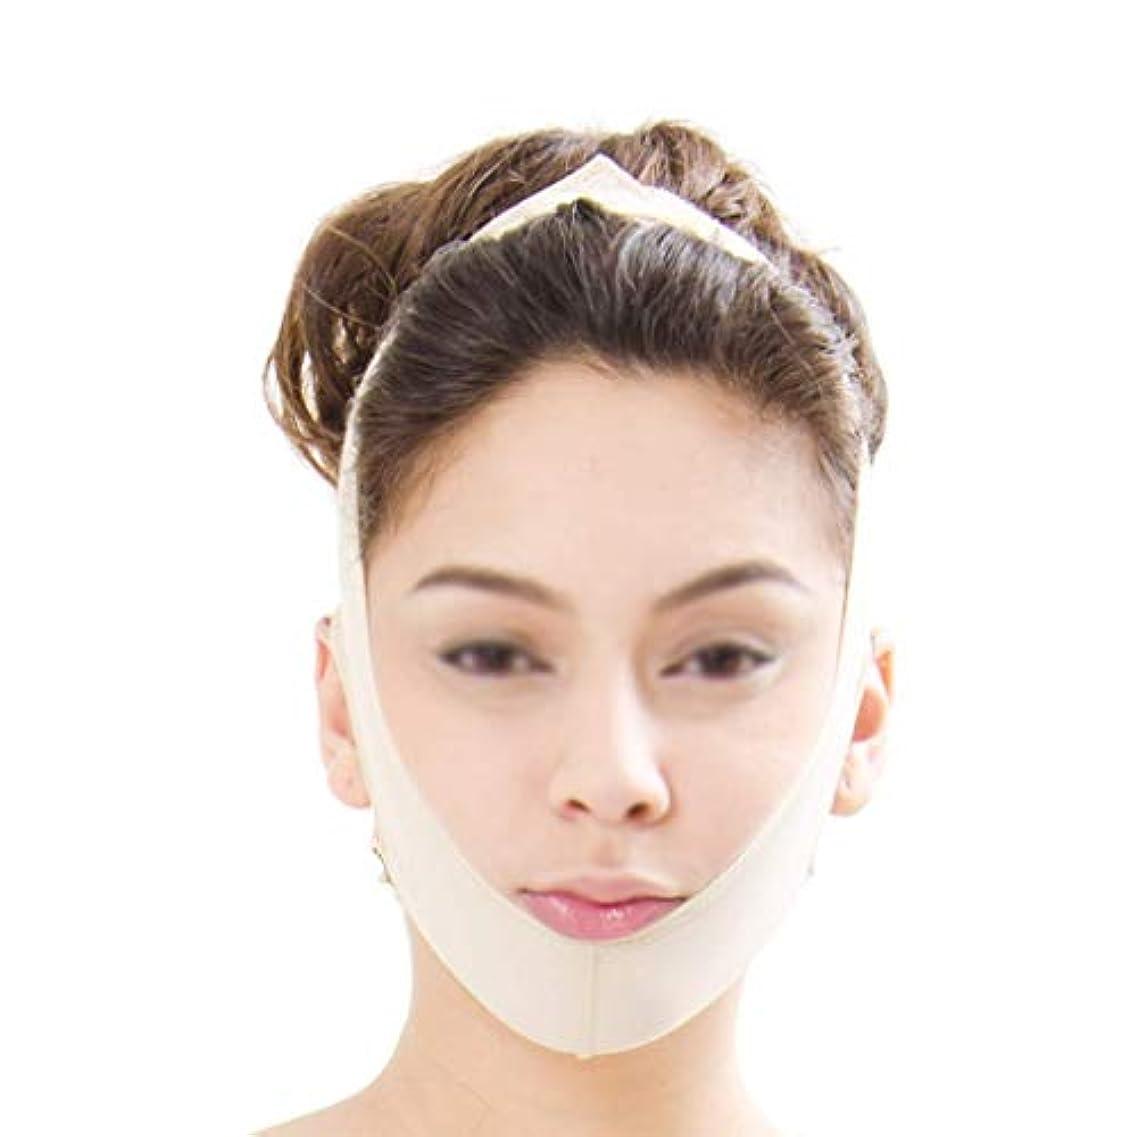 うまストリームショルダーフェイススリミングバンデージ、フェイスリフティングマスク、フェイスリフティングバンデージ、フェイシャル減量マスク、ダブルチンケア減量(サイズ:M),M